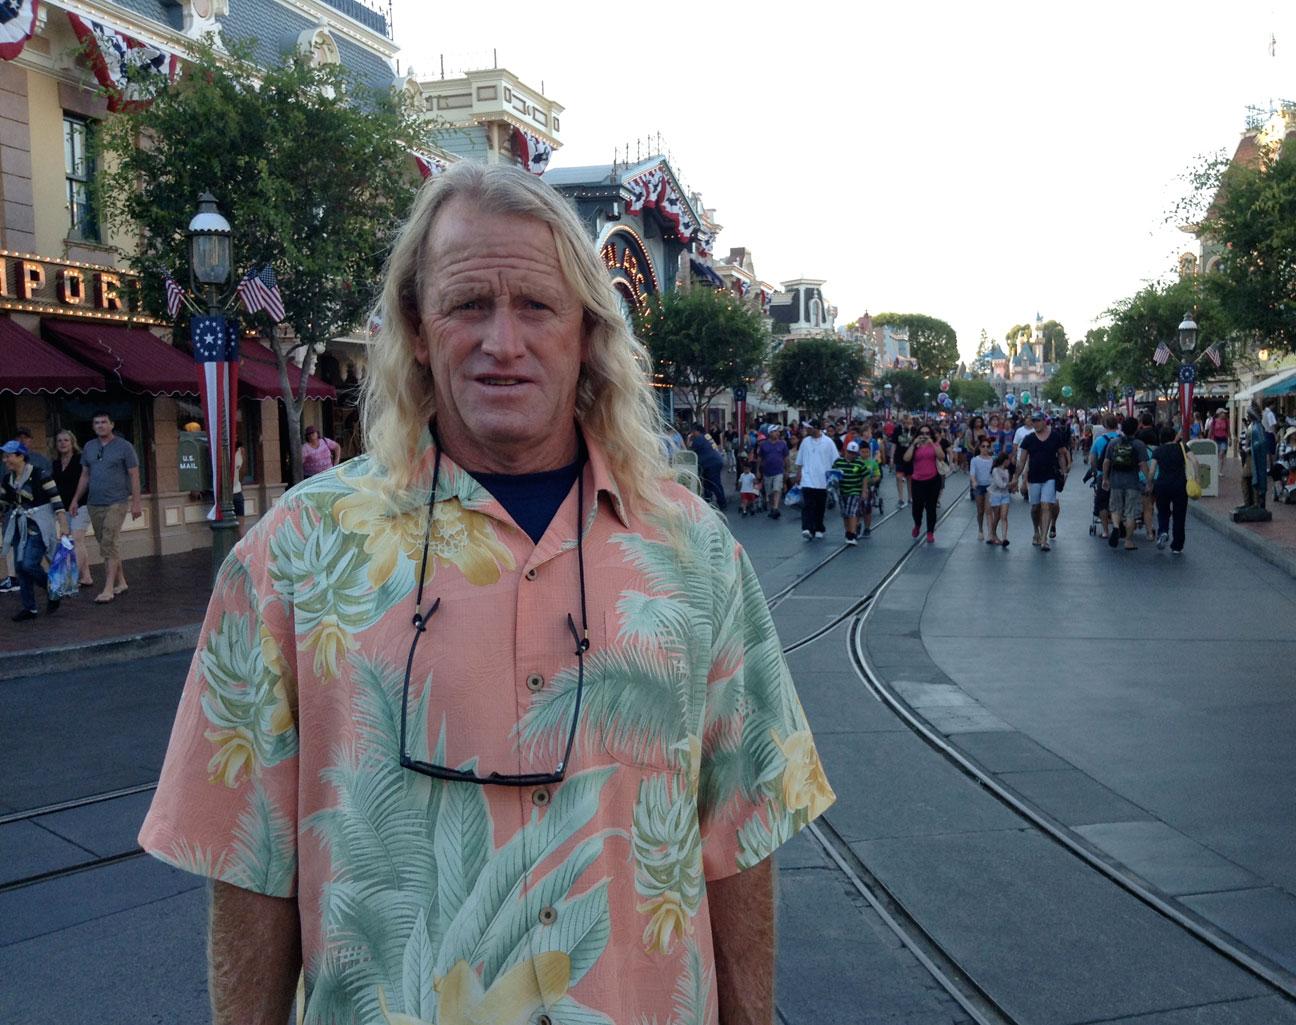 Santa Cruz's own Pat Farley, Veteran, Surfer, Author, Film Maker.